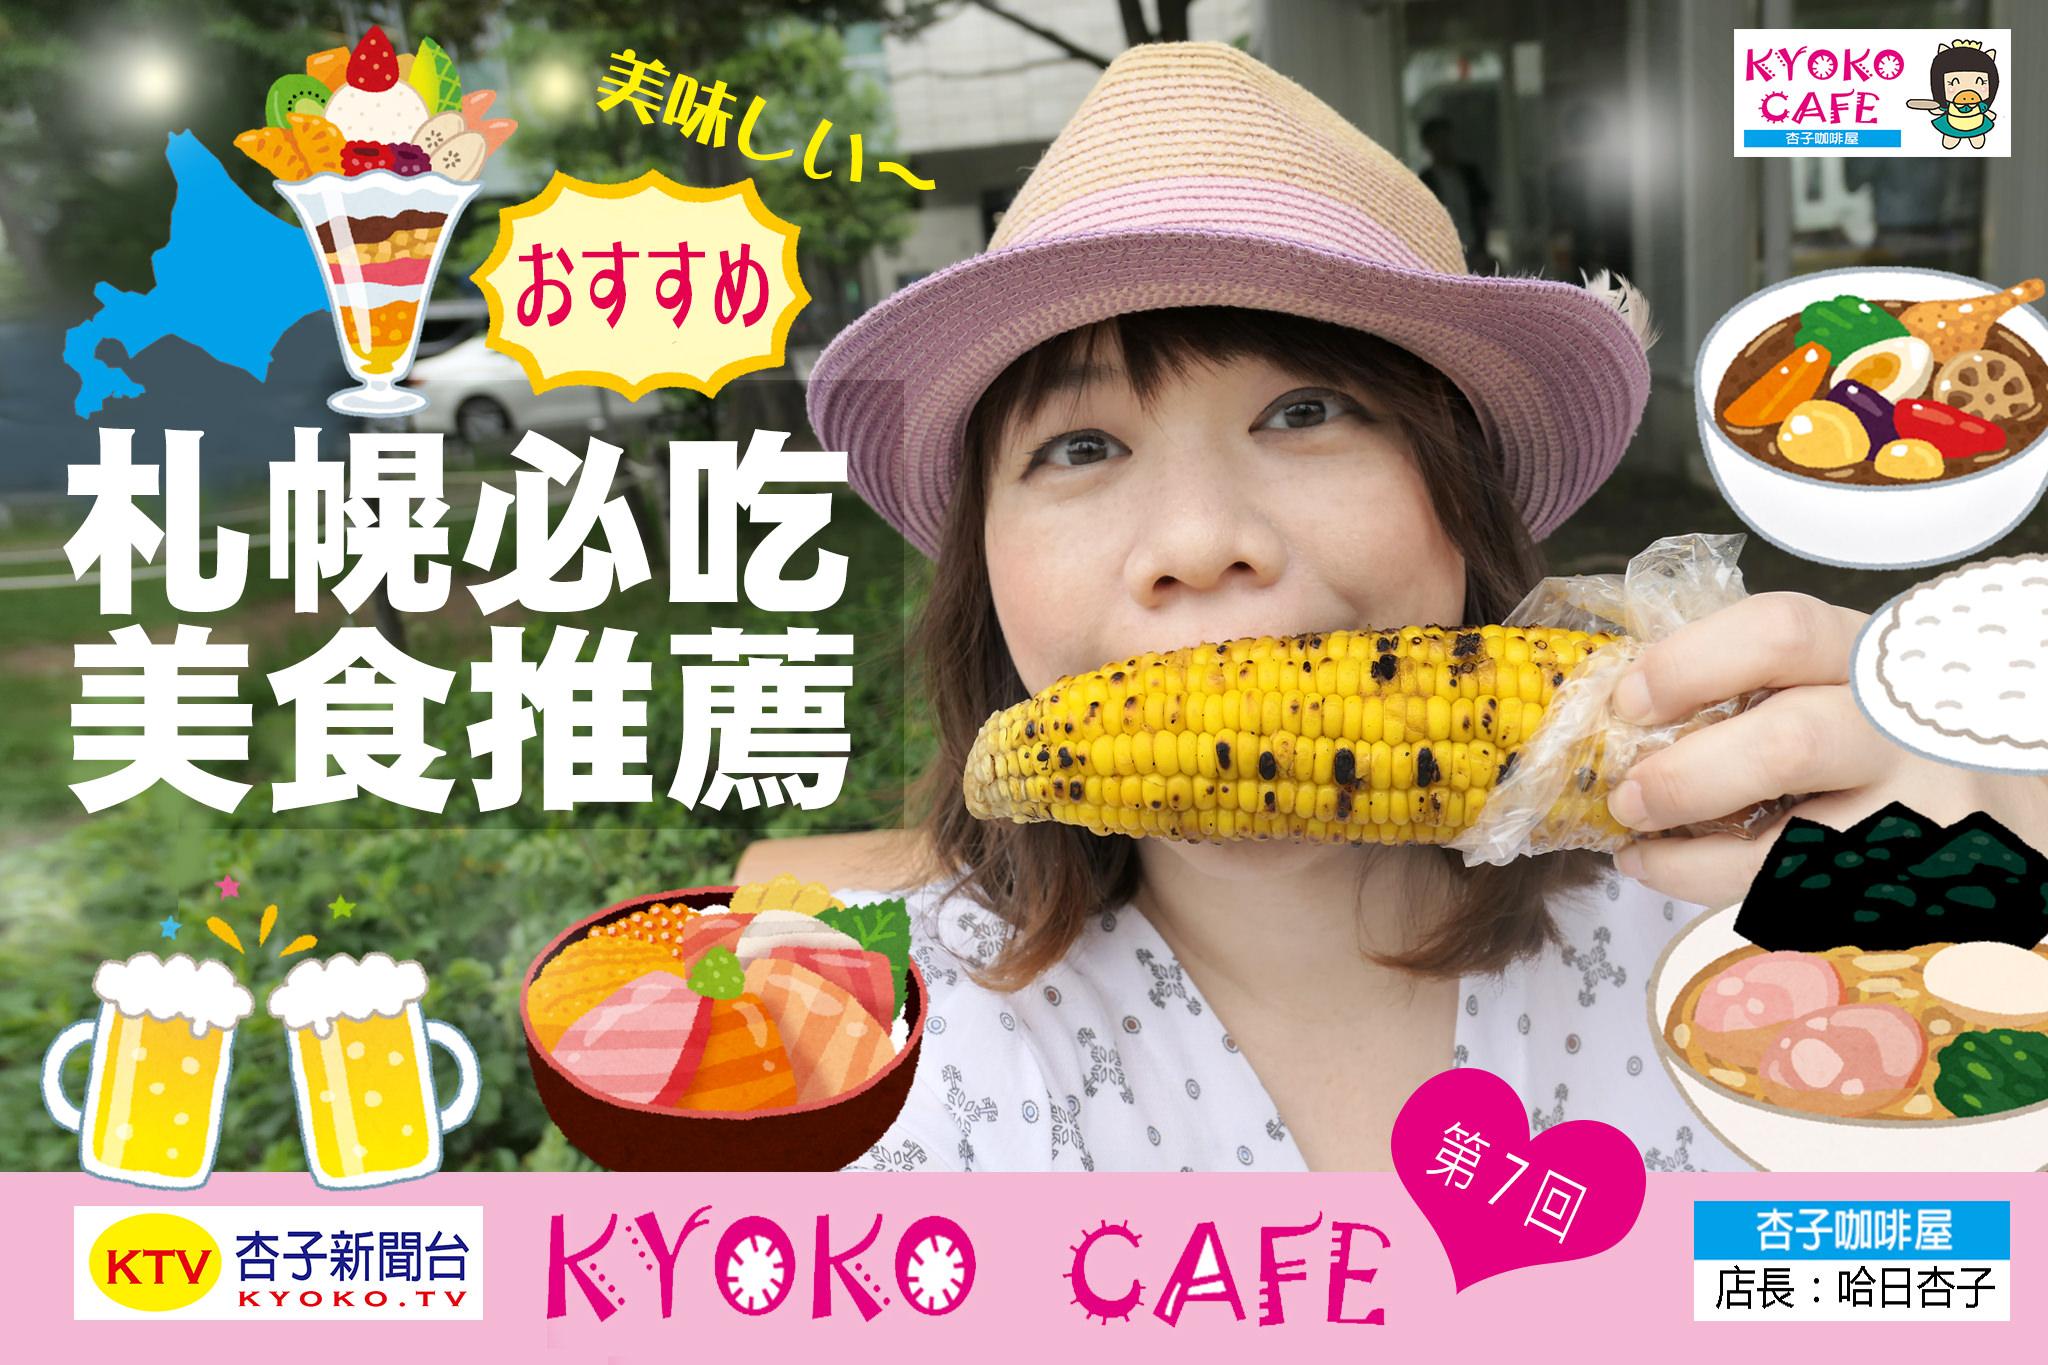 【KYOKO CAFE】第7回|札幌必吃美食推薦<杏子新聞台1>